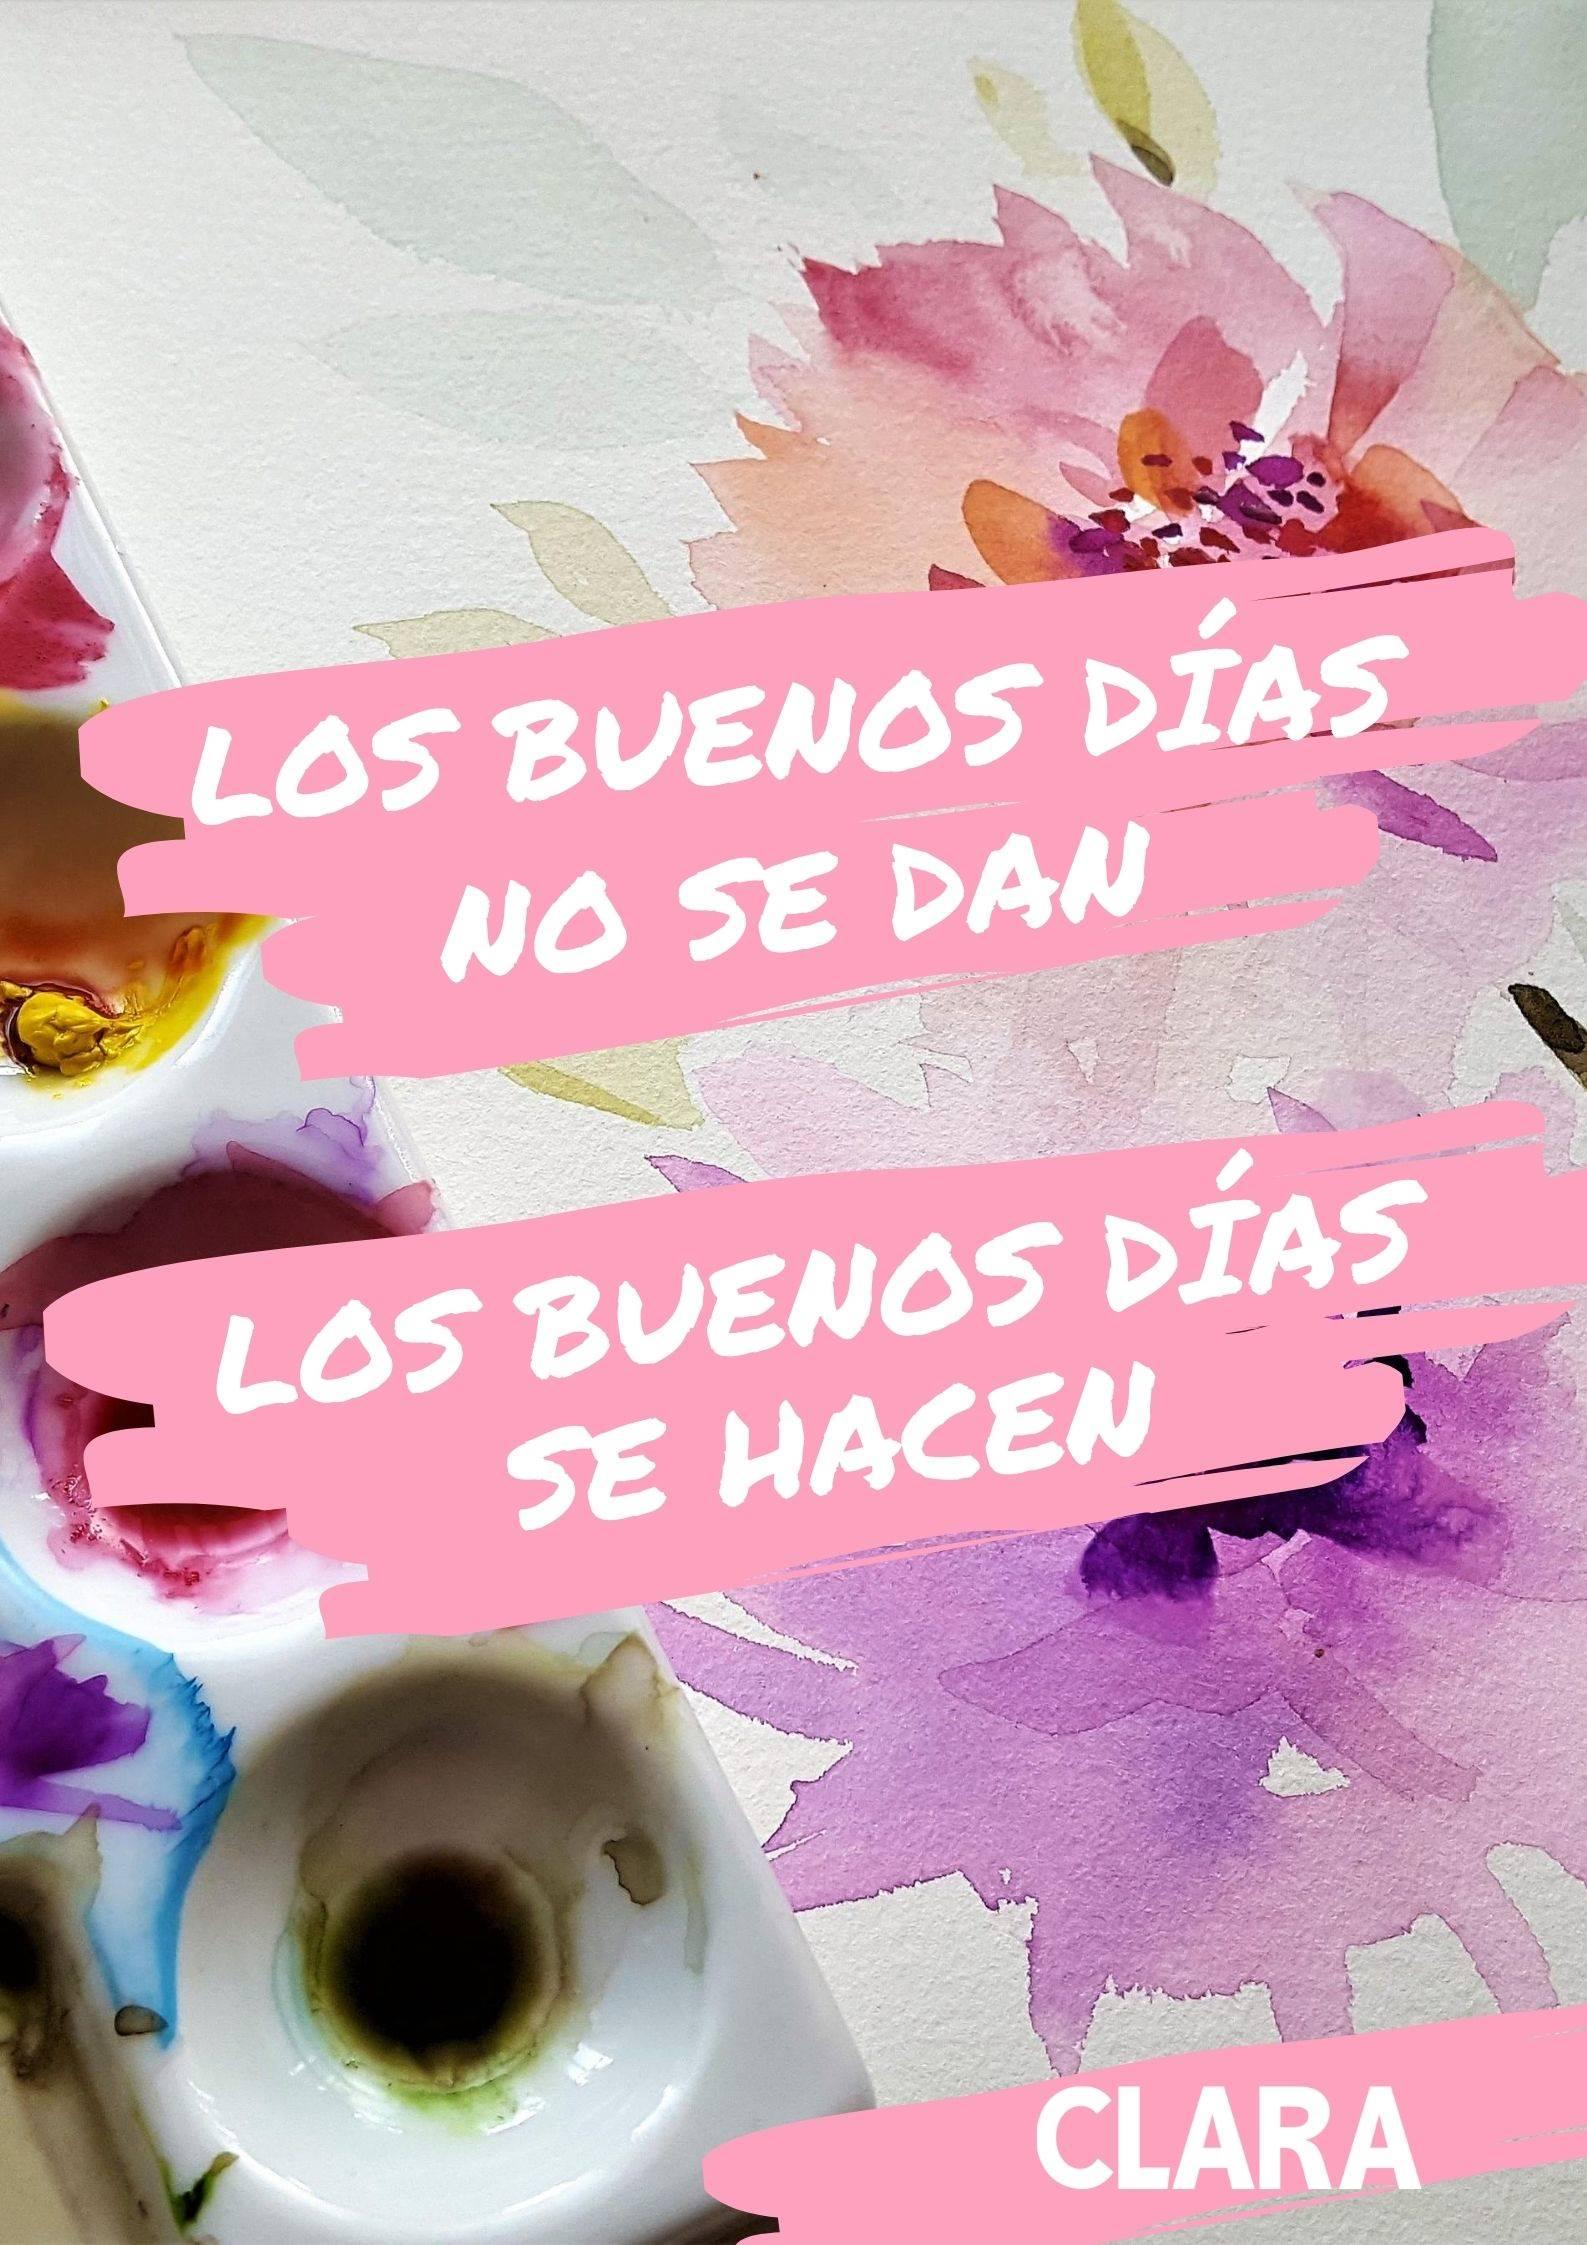 Frases De Buenos Dias Bonitas E Inspiradoras Con Imagenes Para Descargar